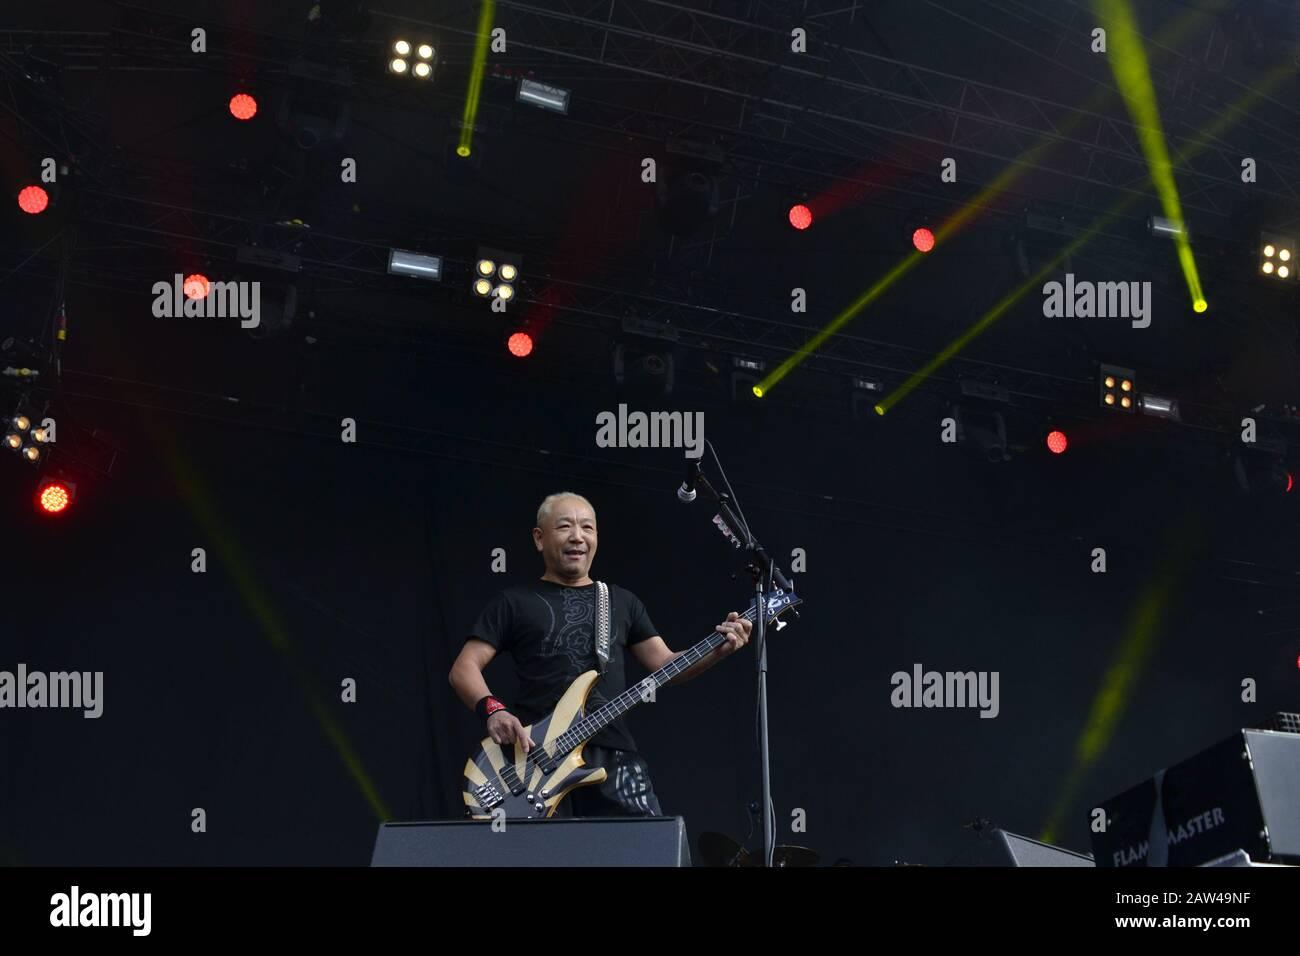 Music Festival Finland Stock Photo